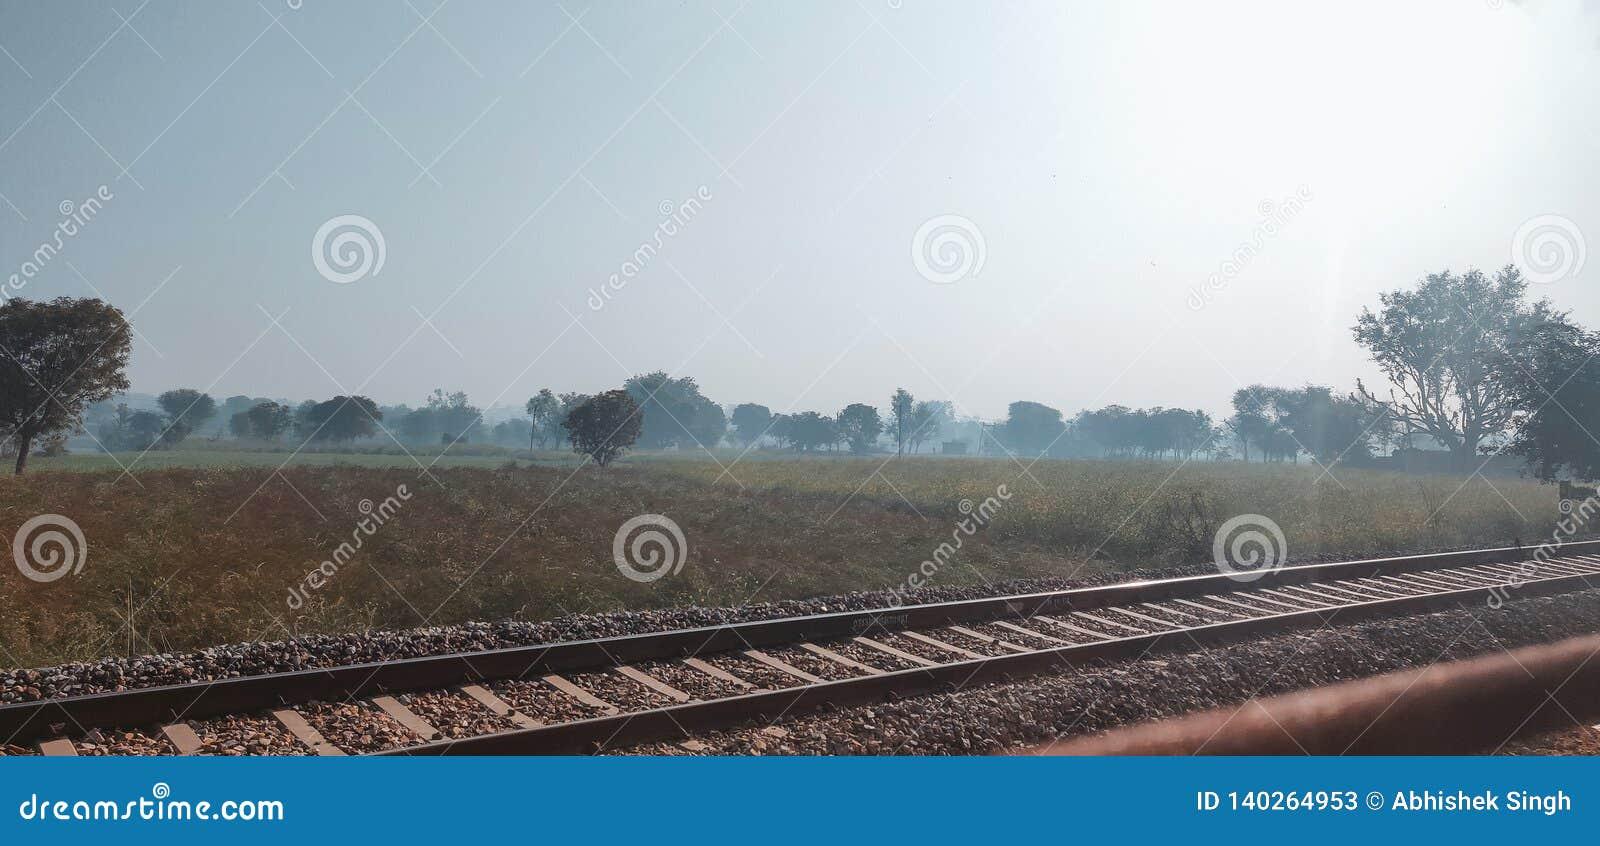 长的印度铁路训练轨道